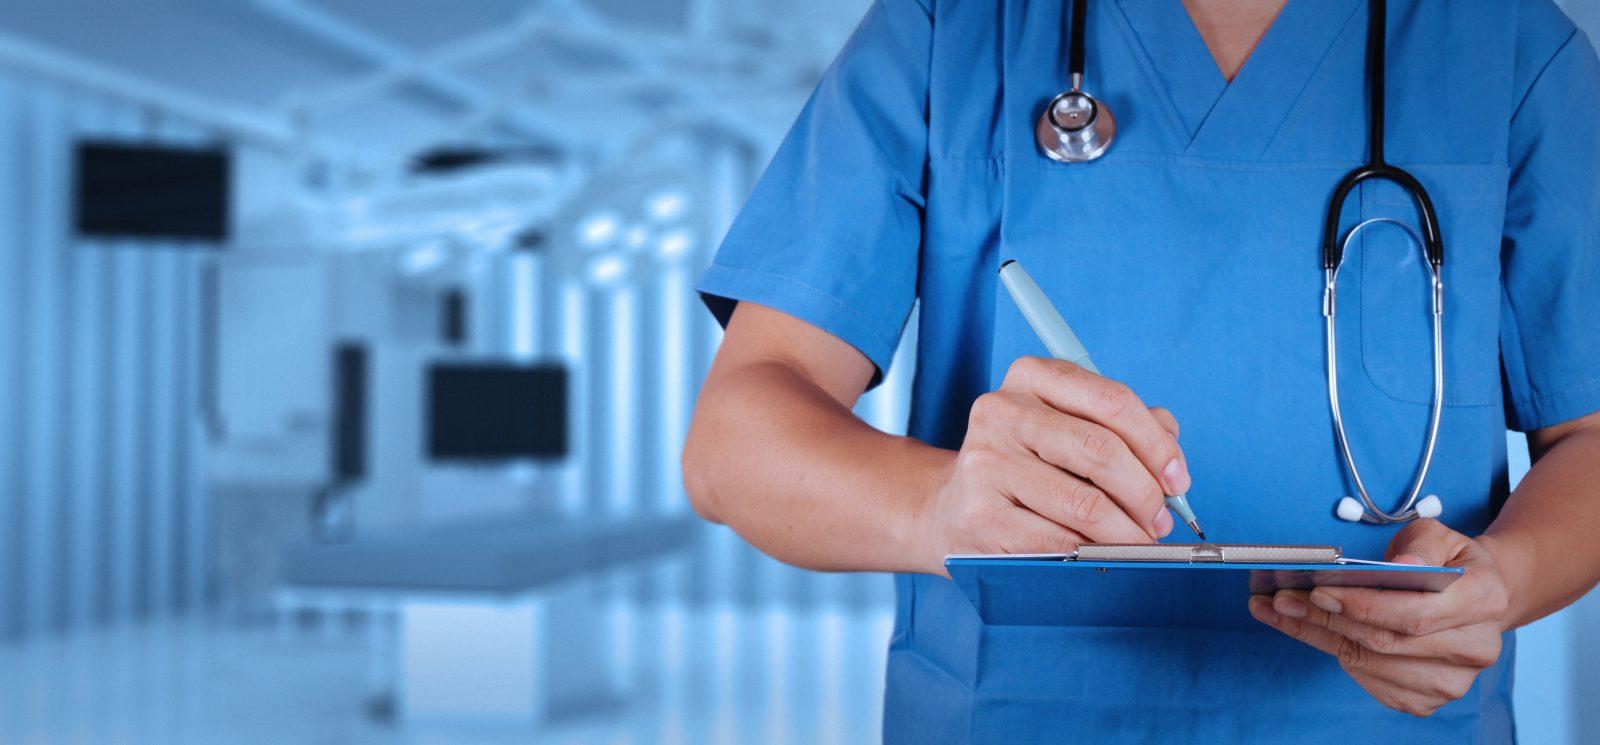 Une étude pour adapter les soins et services sociaux post-pandémie